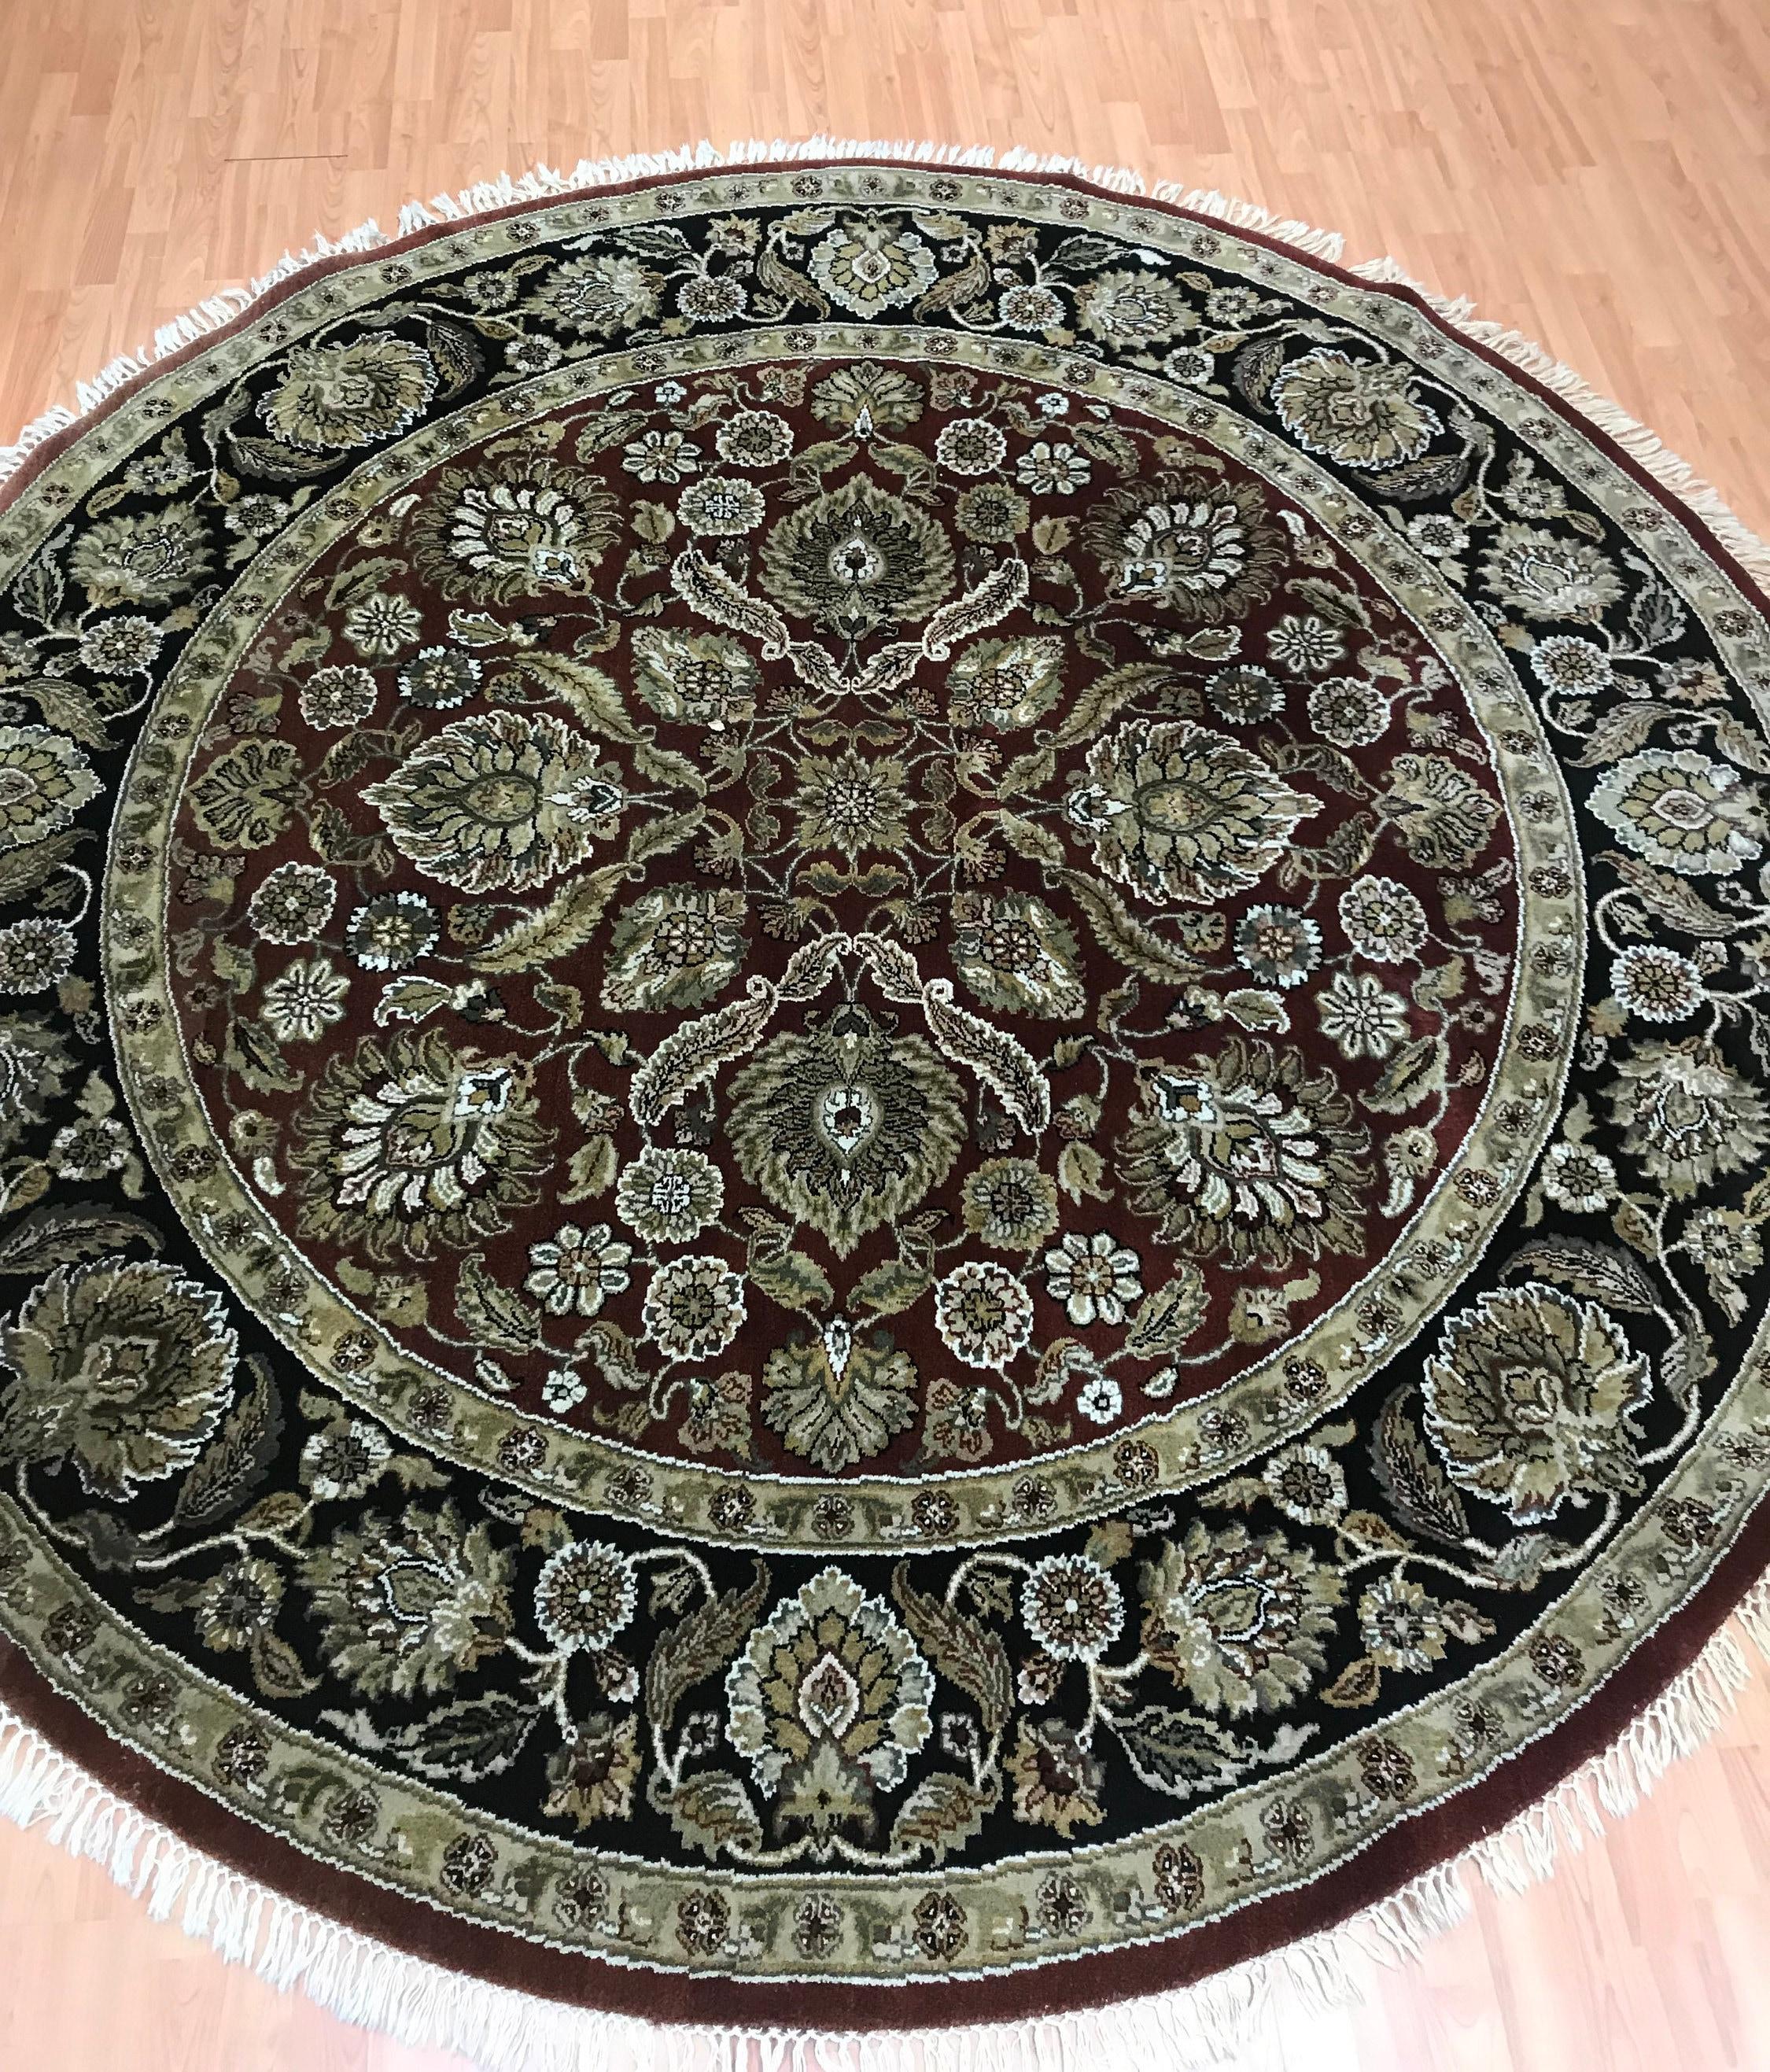 8' X 8' Round Indian Agra Oriental Rug